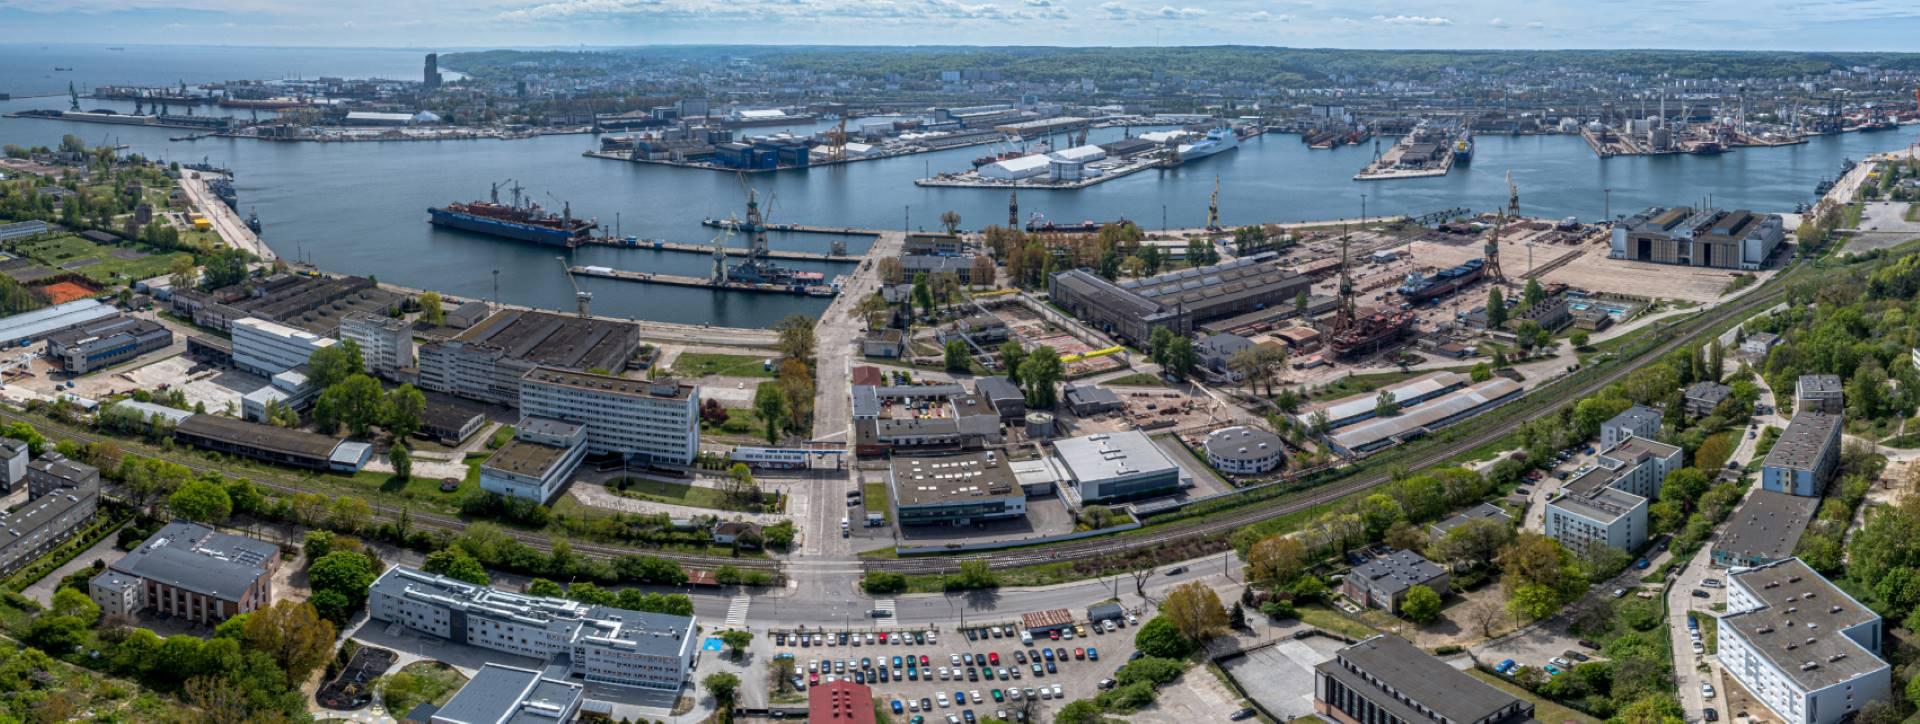 SENER Marine formaliza un contrato con PGZ STOCZNIA WOJENNA